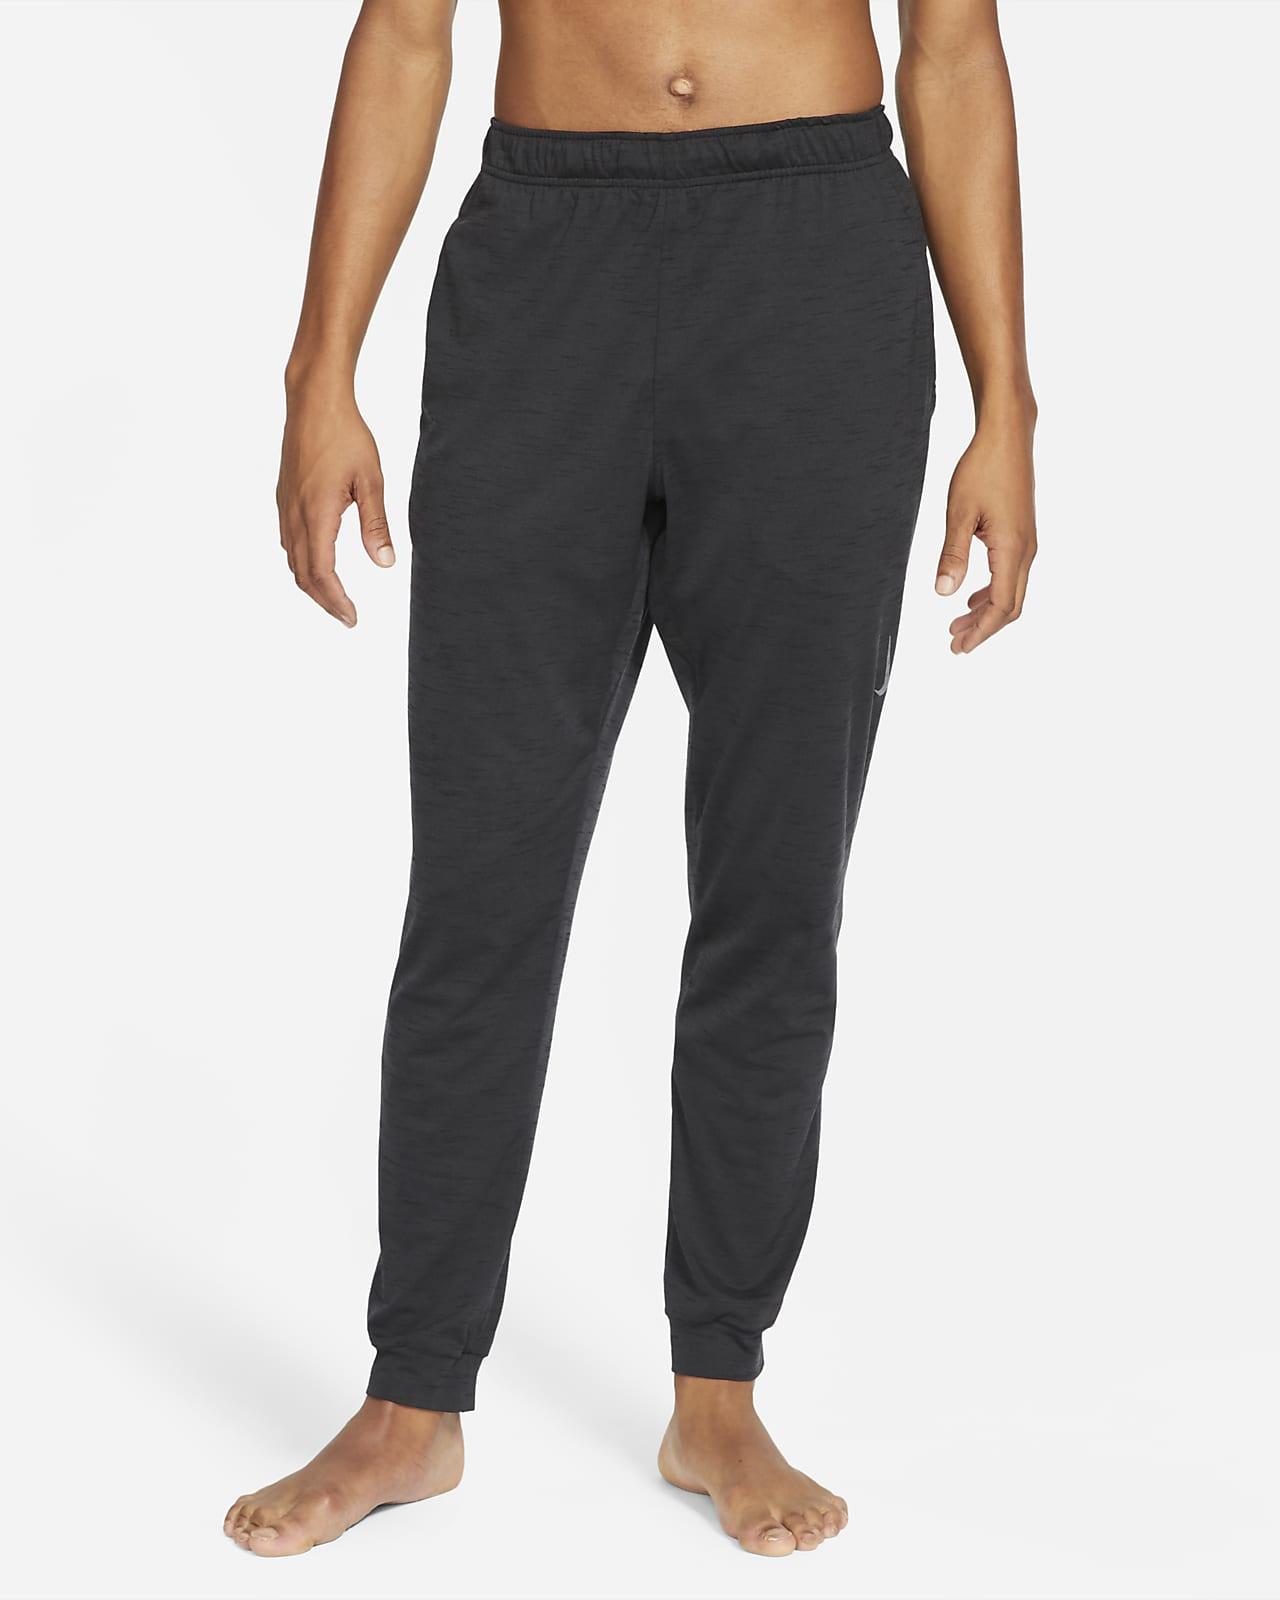 Мужские брюки Nike Yoga Dri-FIT